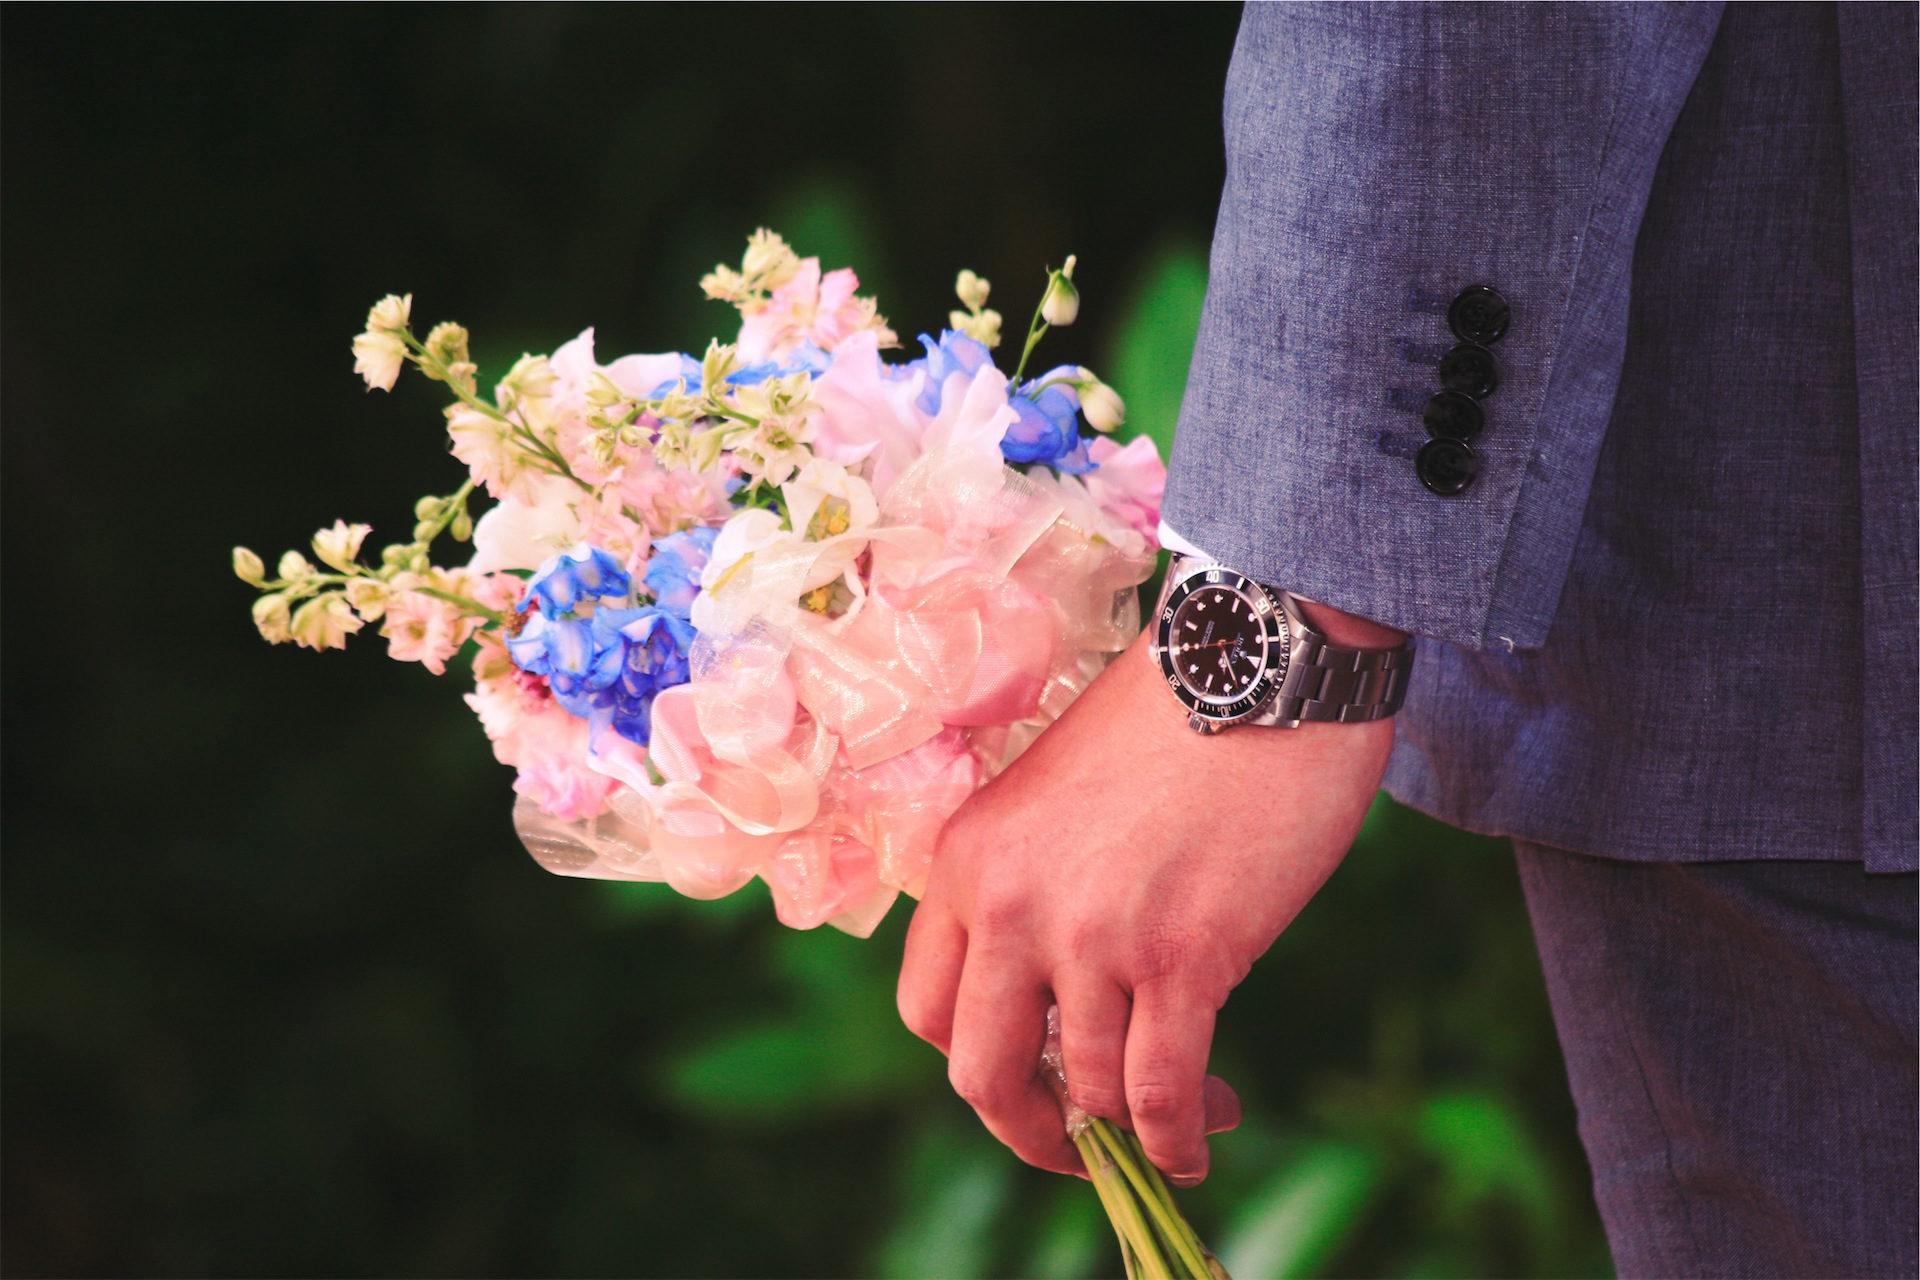 花束, 花, 手表, 男子, 服装 - 高清壁纸 - 教授-falken.com